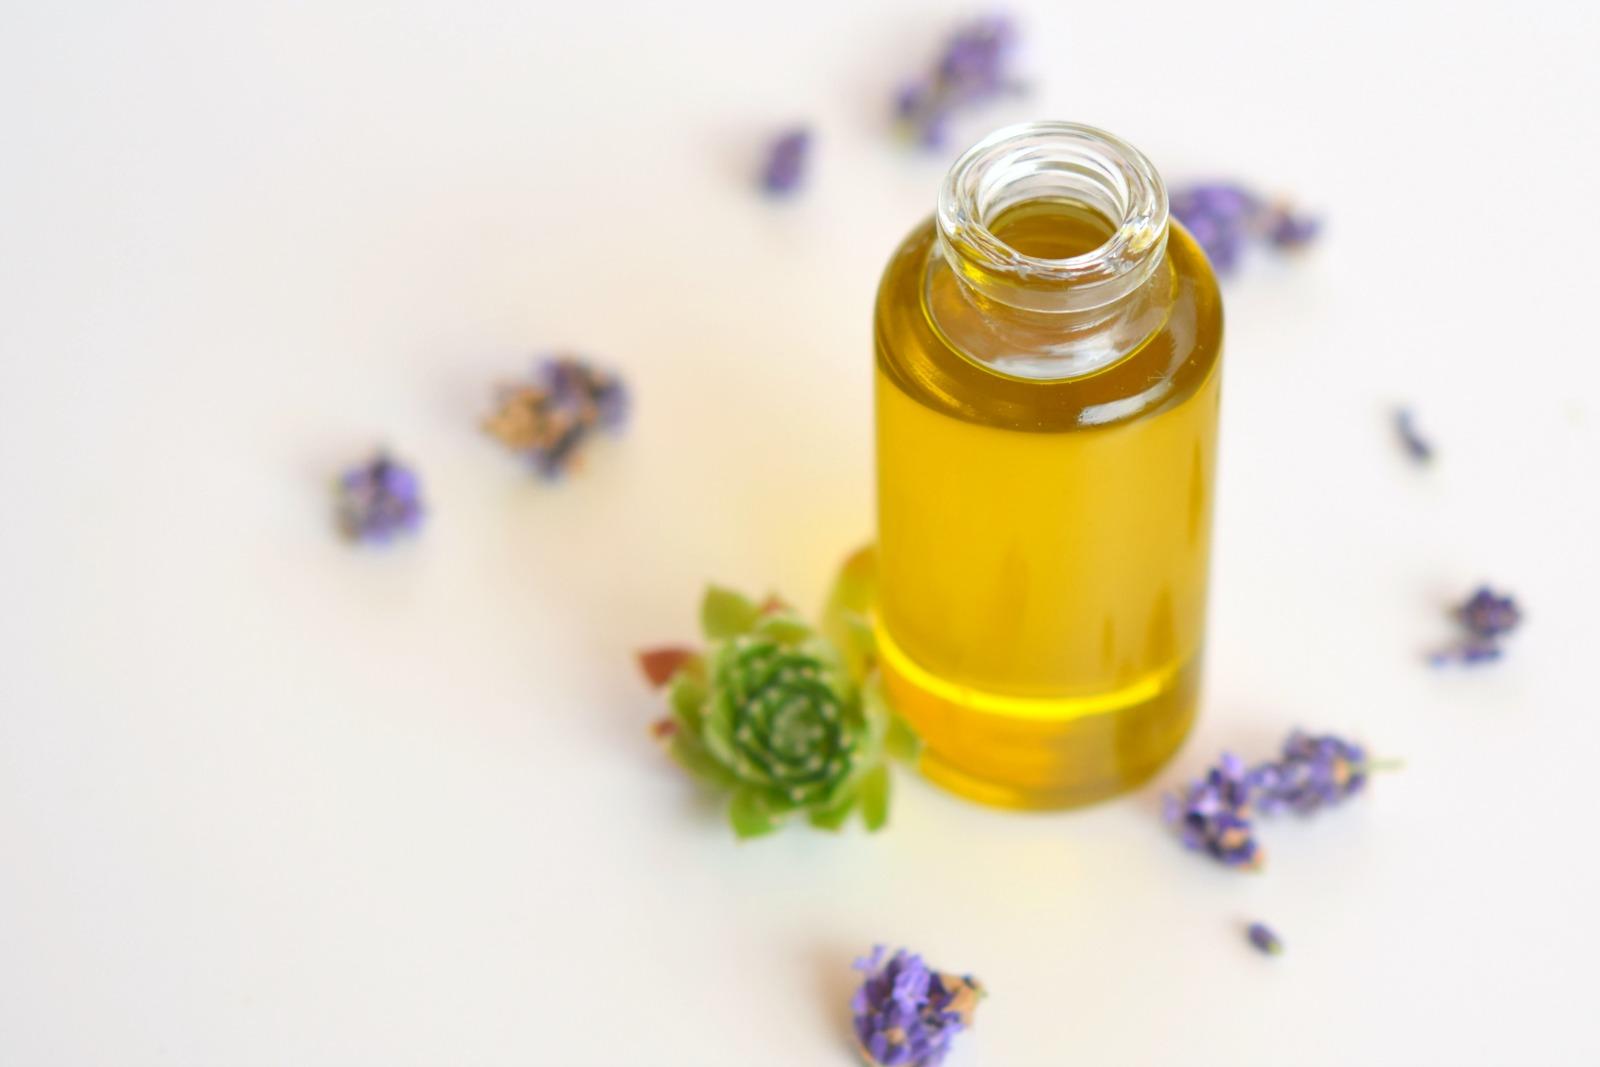 Gesichtspflegeöl mit Lavendel, Schafgarbe und Hauswurz